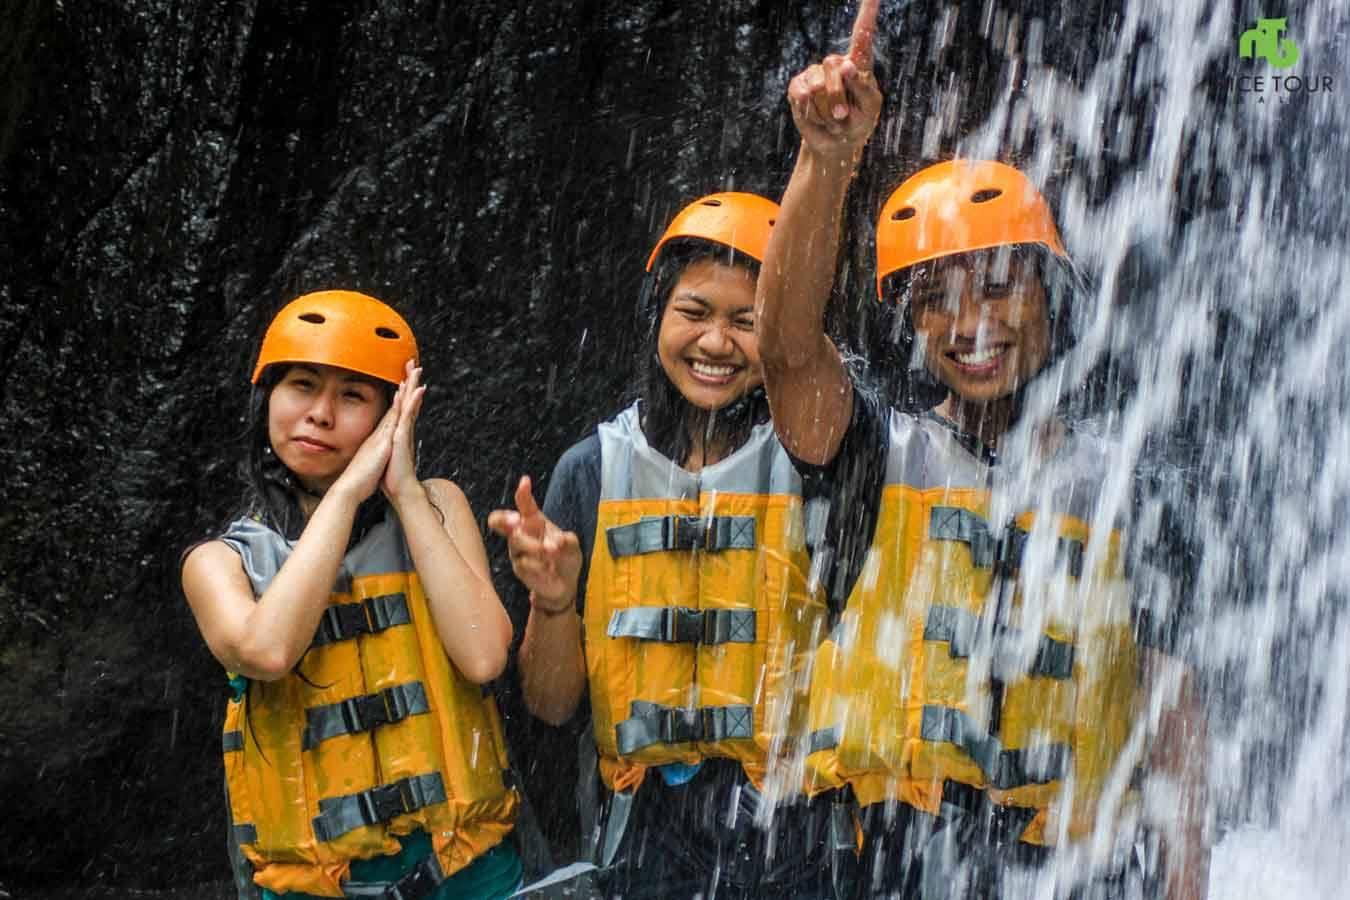 06_Rafting-River-Ayung_Nice-tour-Bali